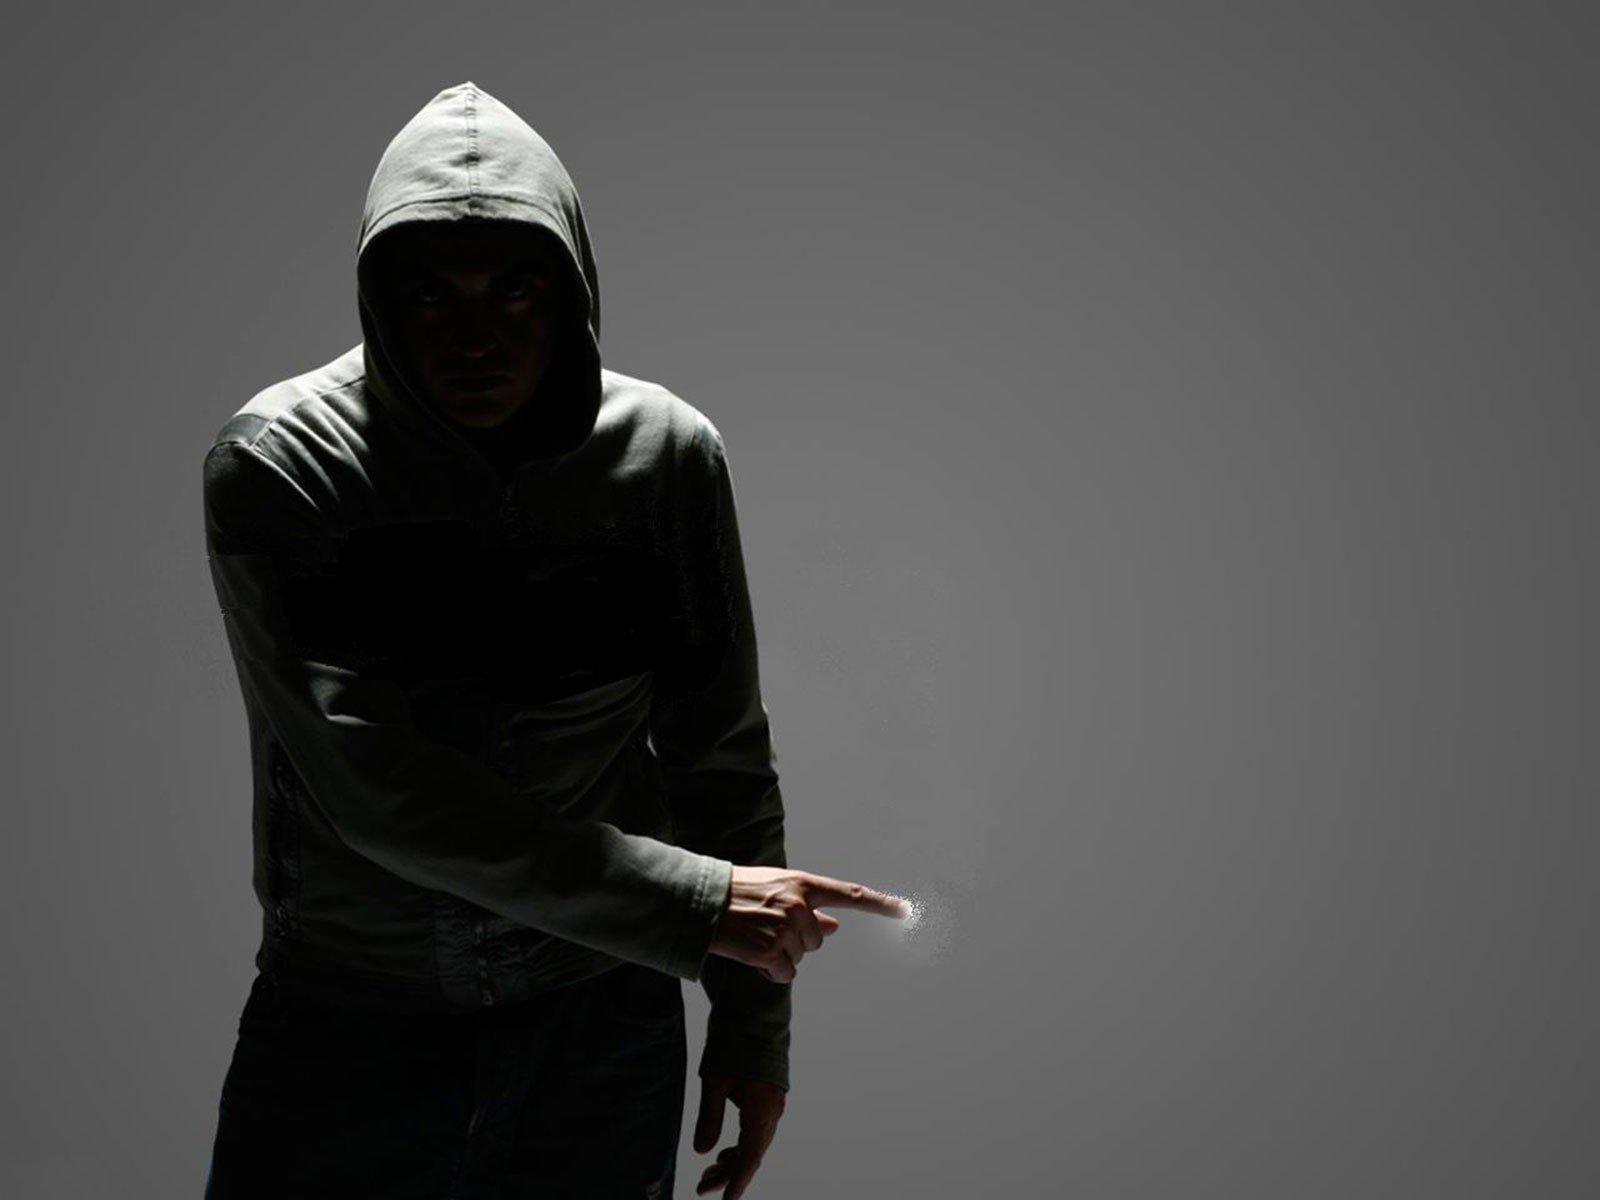 Иллюстрация на тему Фото на аву в ВК без лица: для парней, для девушек